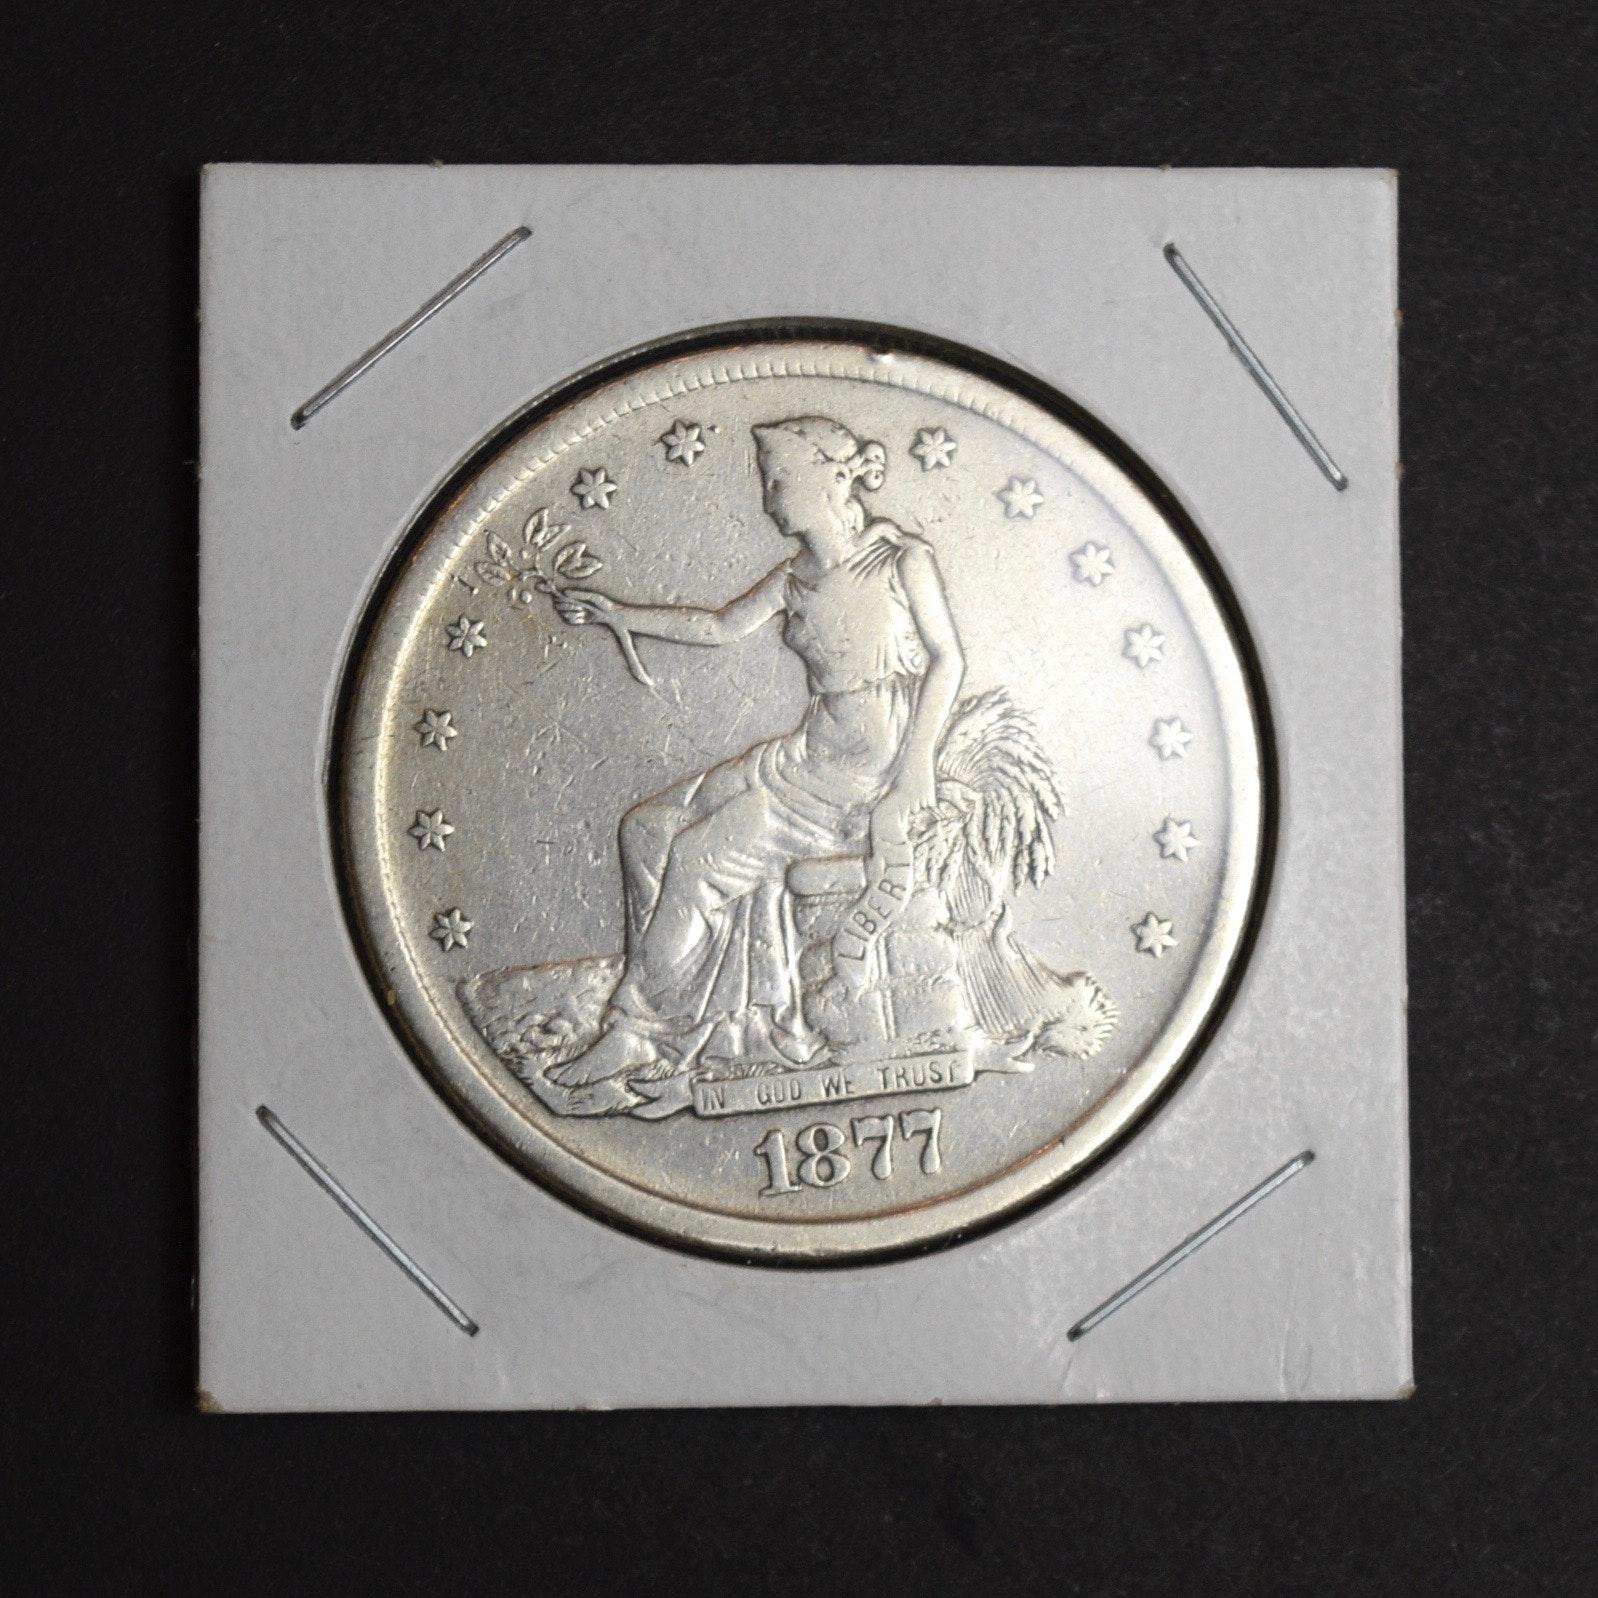 1877 S Silver Trade Dollar